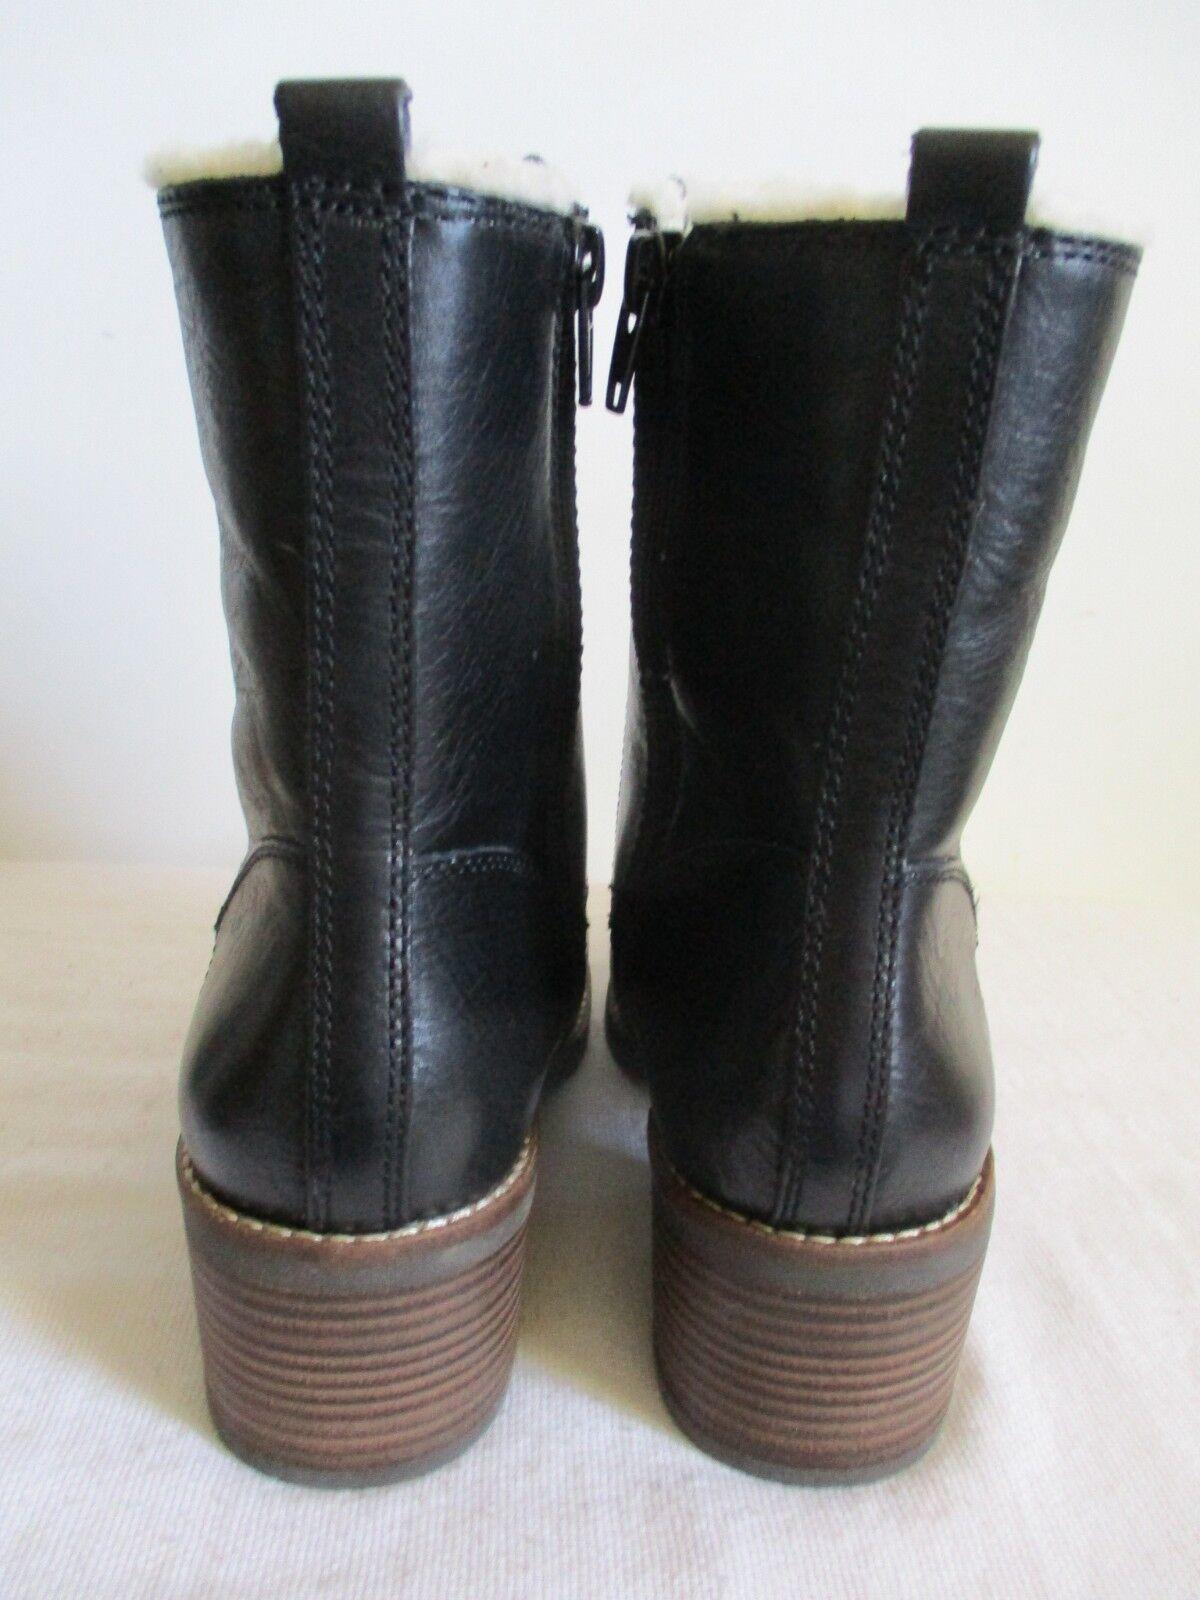 Lucky Brand cambreen Con Cordones Cuero Negro botas De De De Piel Sintética Cremallera Lateral 8 EE. UU. nuevo 7db18c